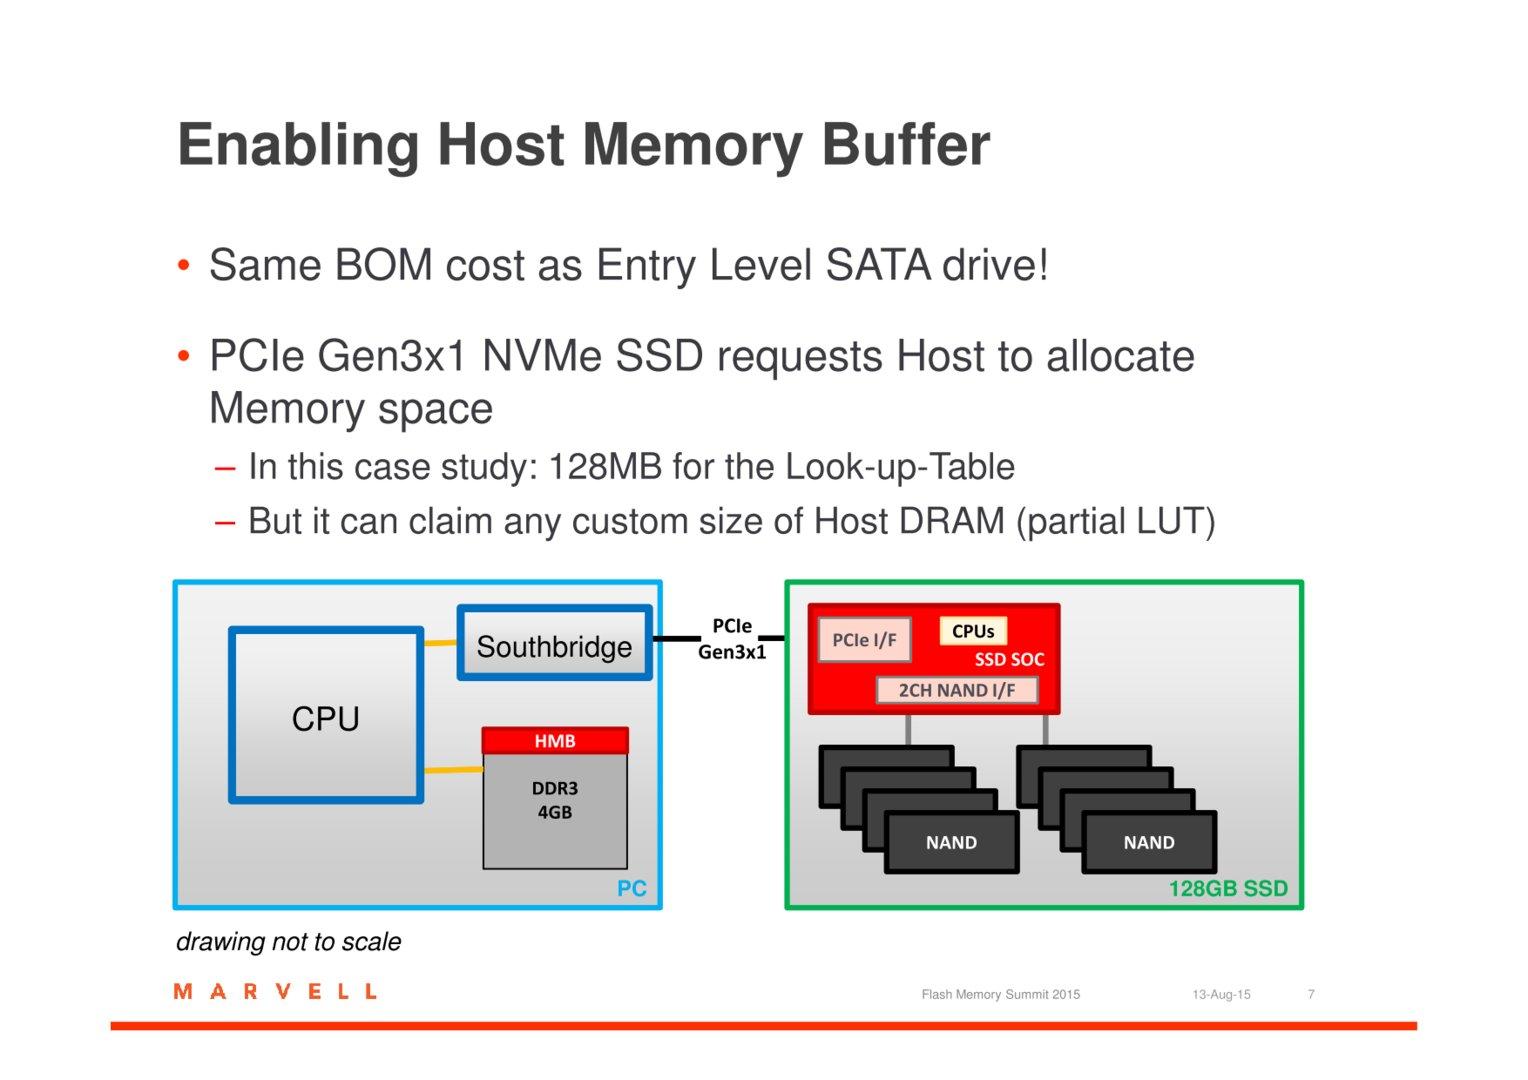 Einsatz des Host Memory Buffers